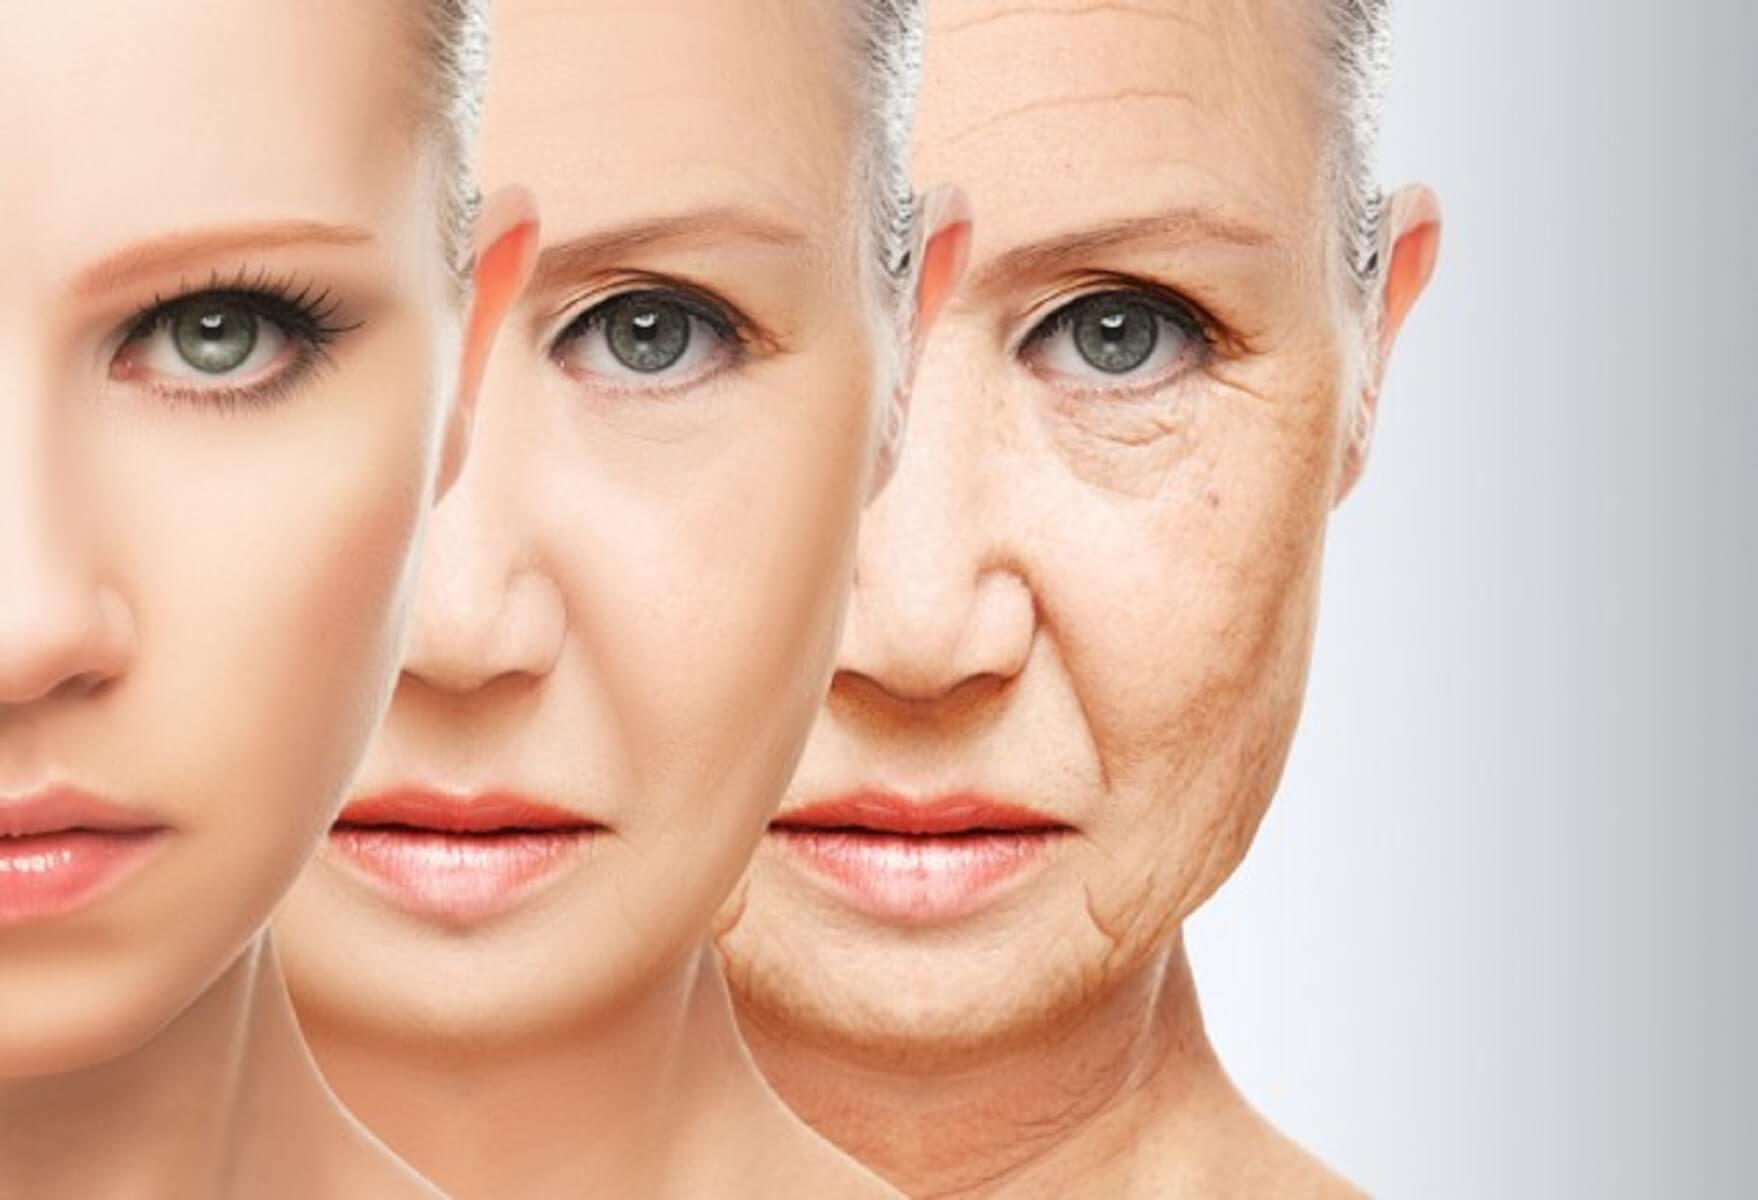 Избегайте стрессовых ситуаций чтобы замедлить процесс старения